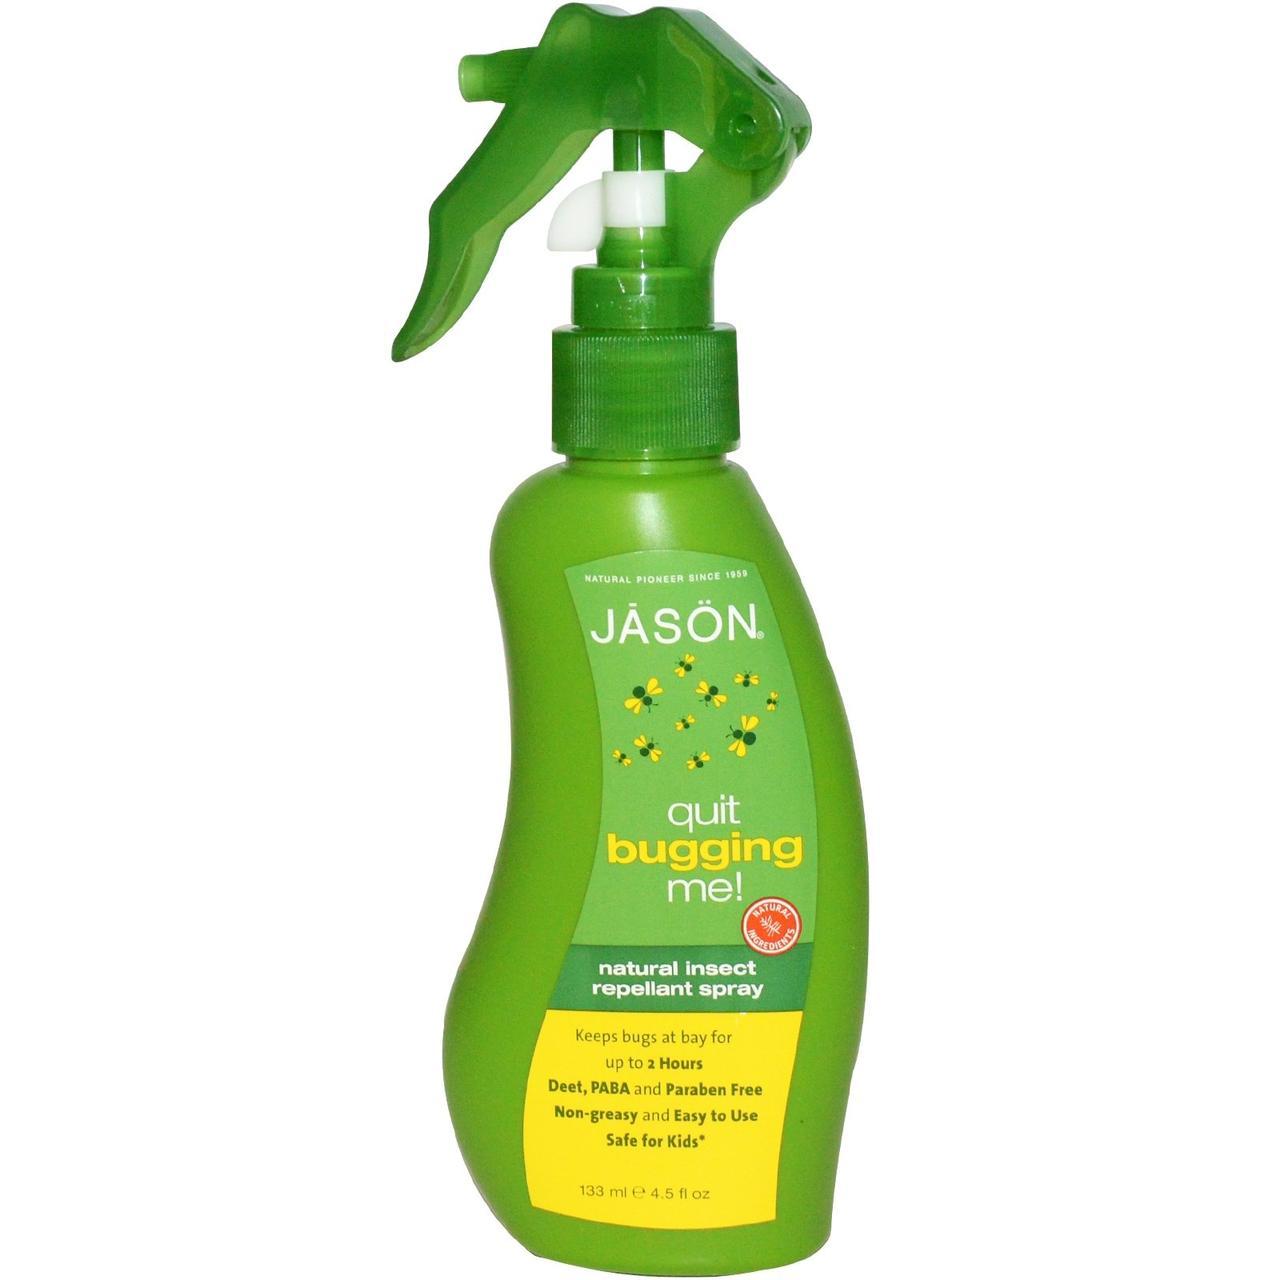 Jason Natural, Quit Bugging Me!, натуральный спрей-репеллент от насекомых, 4,5 жидкие унции (133 мл)